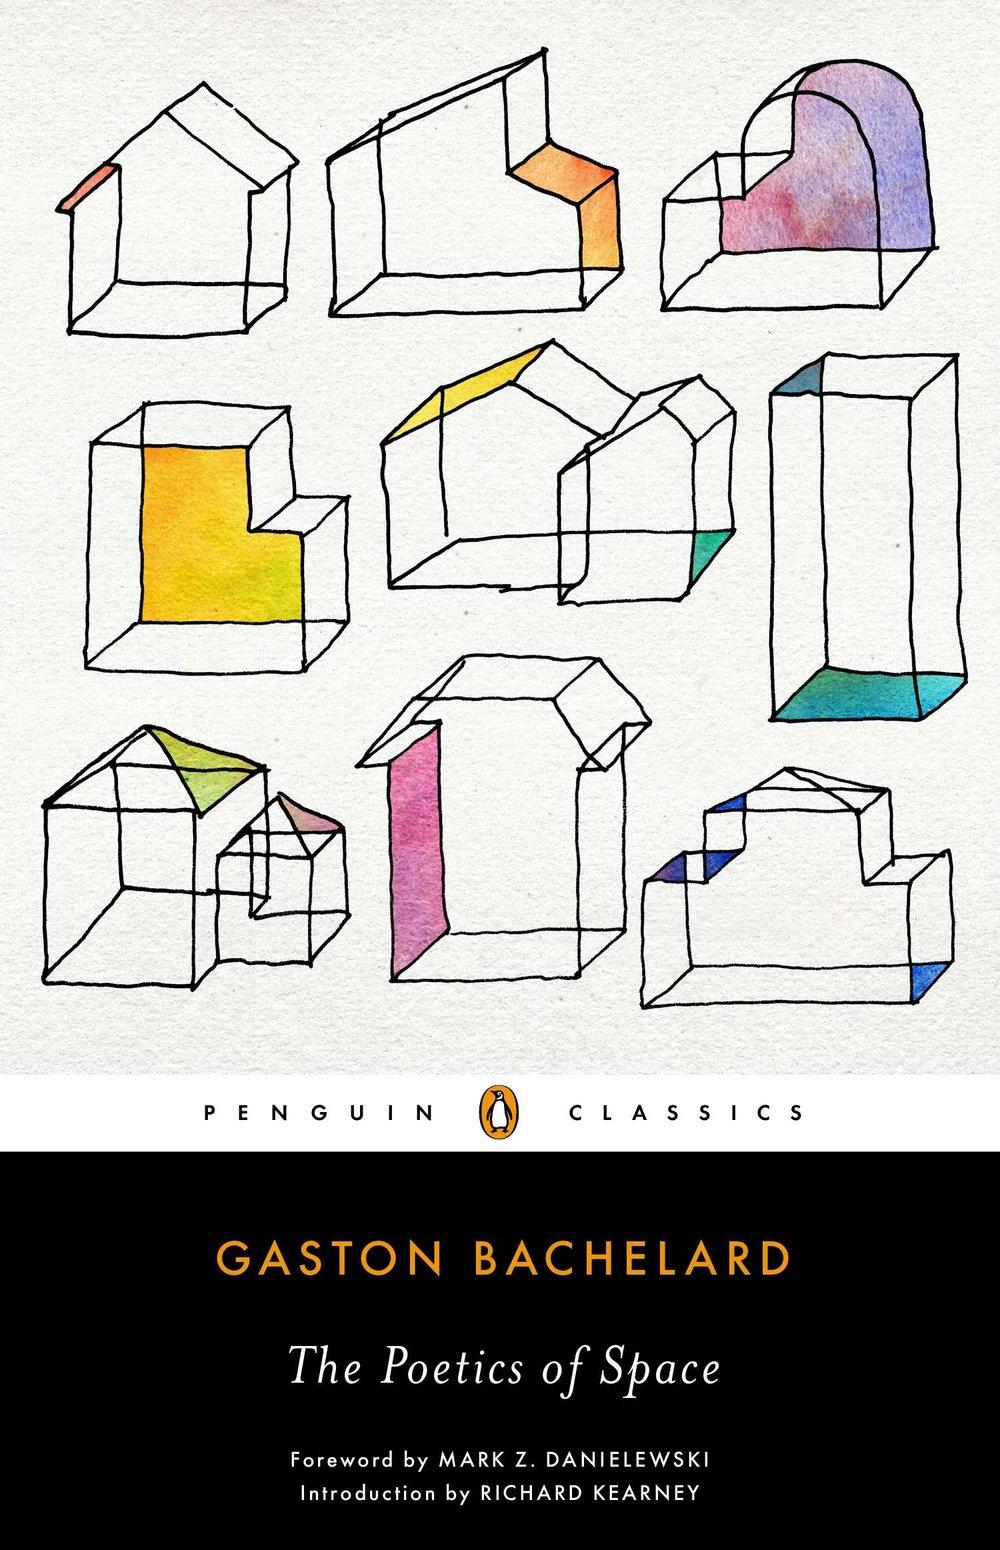 Penguin Books, 268 pp, 2014